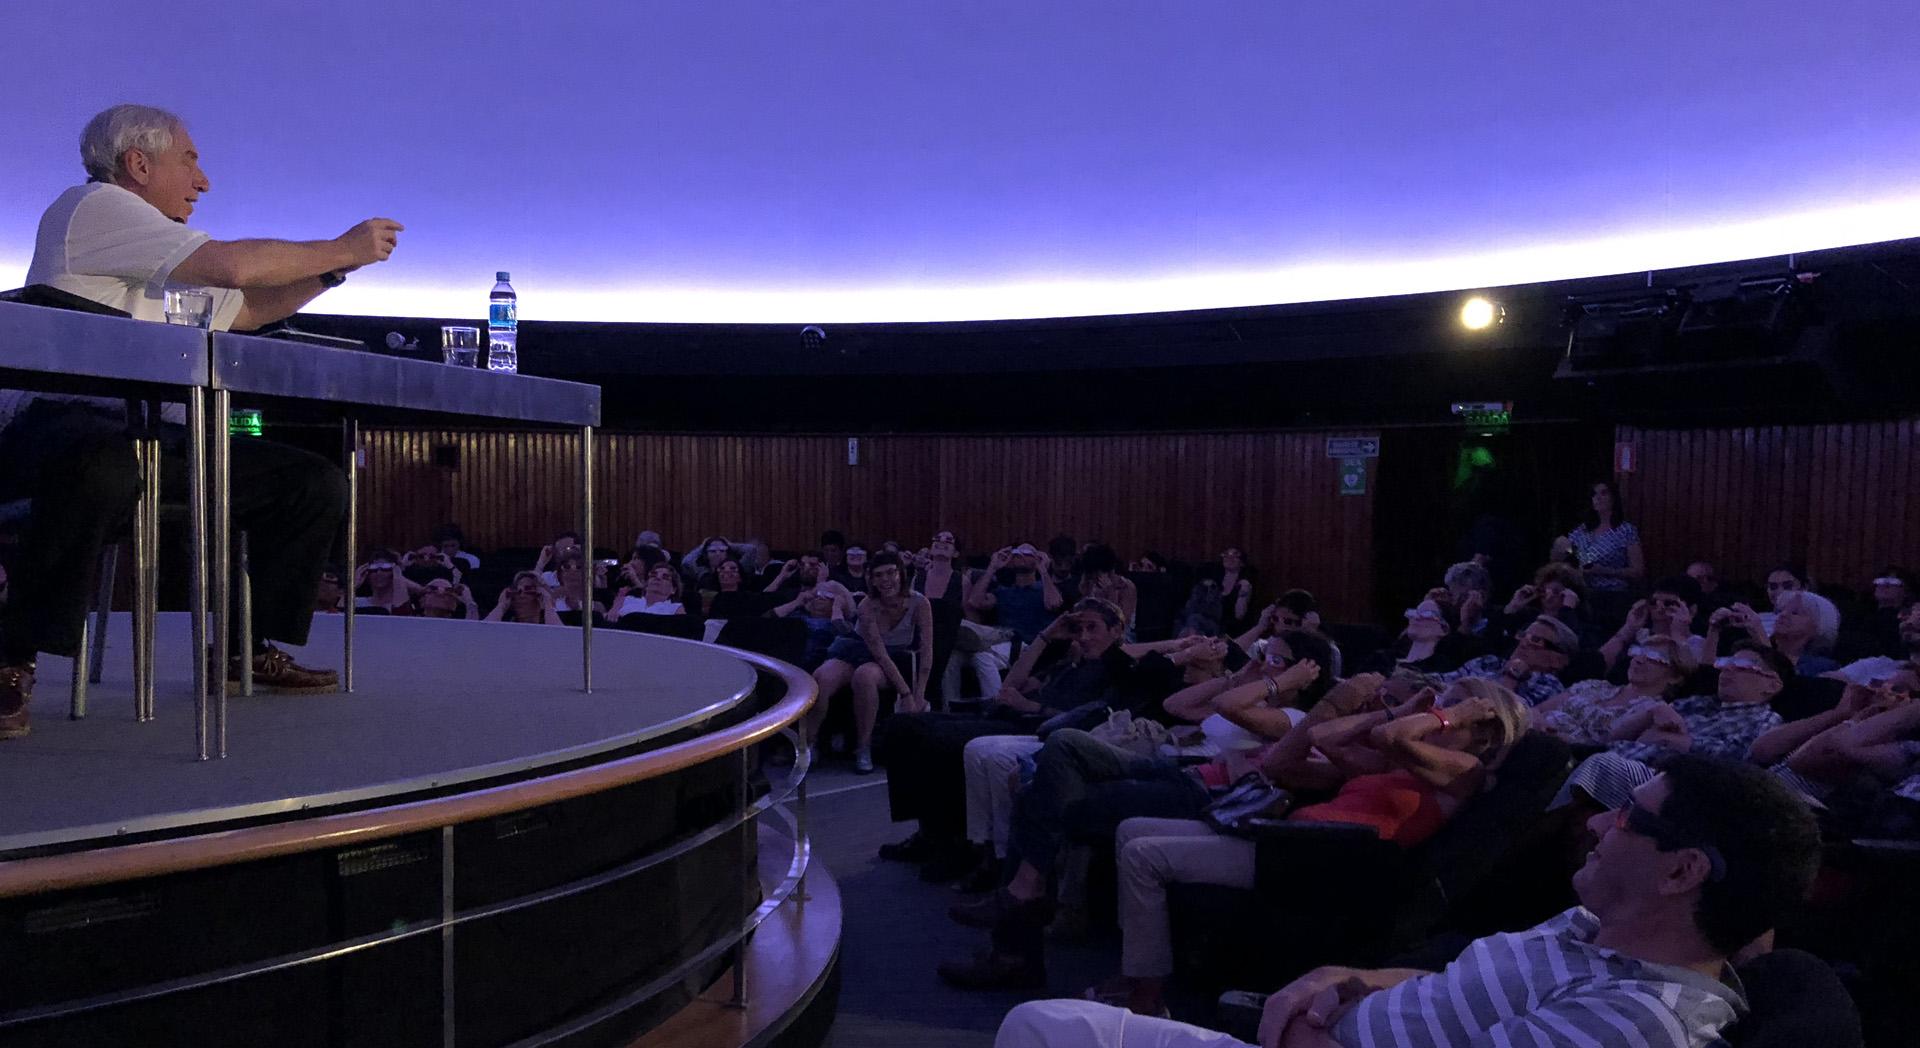 El científico pidió a los asistentes en el Planetario colocarse los anteojos protectores que deben ser usados hoy en la observación solar